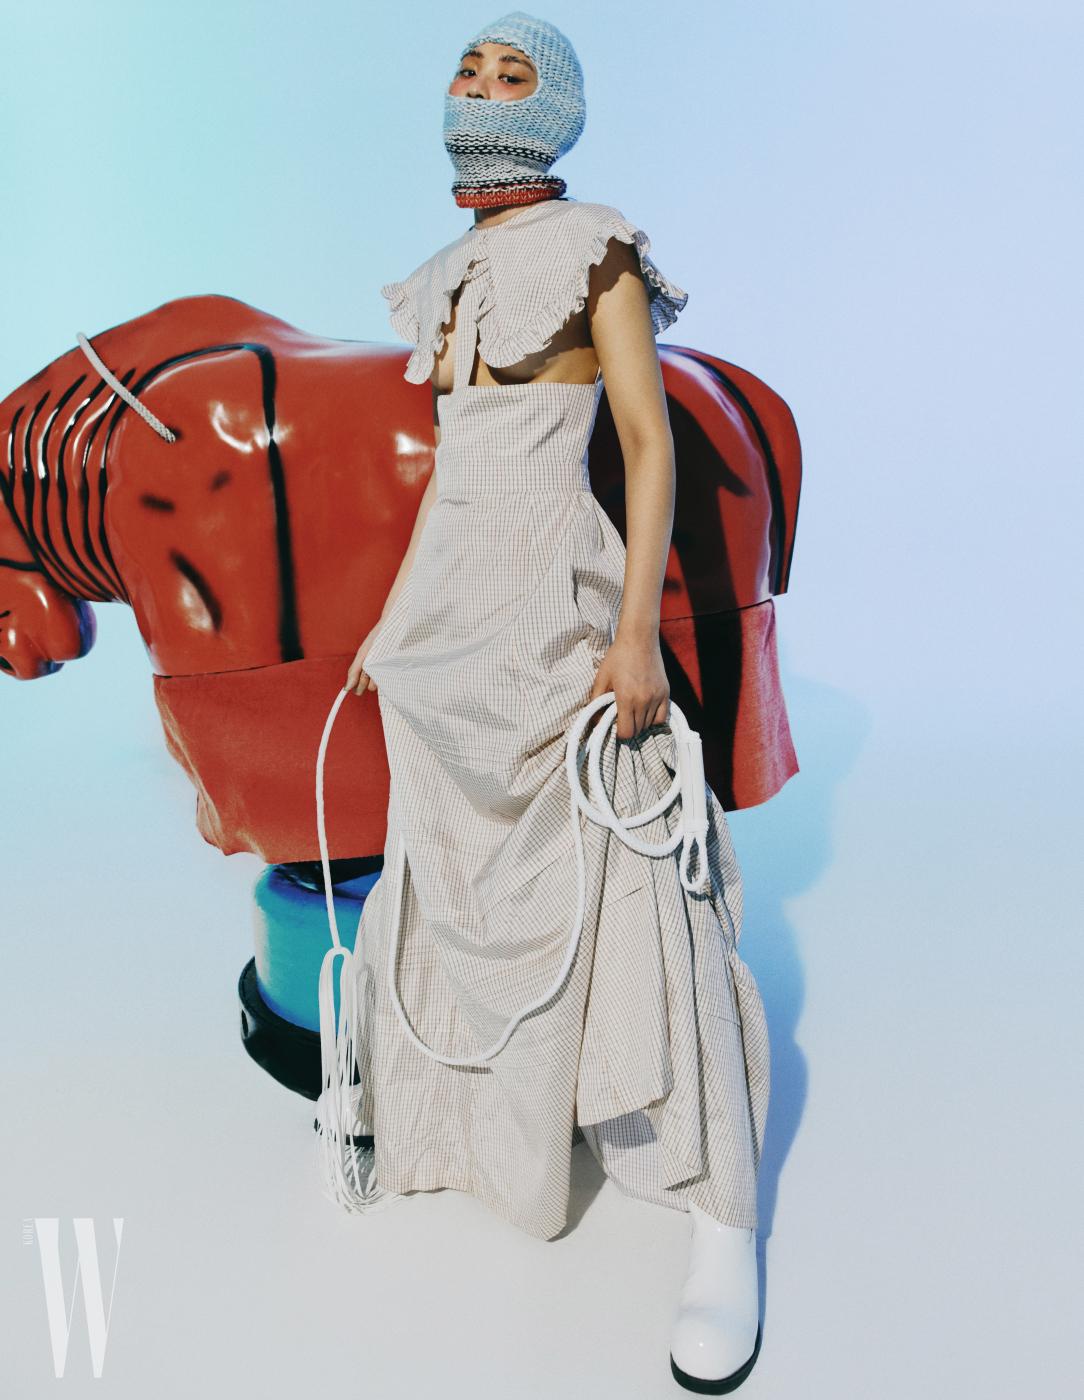 드레스, 부츠, 니트 소재 헤드피스는 모두 캘빈 클라인 205W39NYC 제품. 가격 미정.